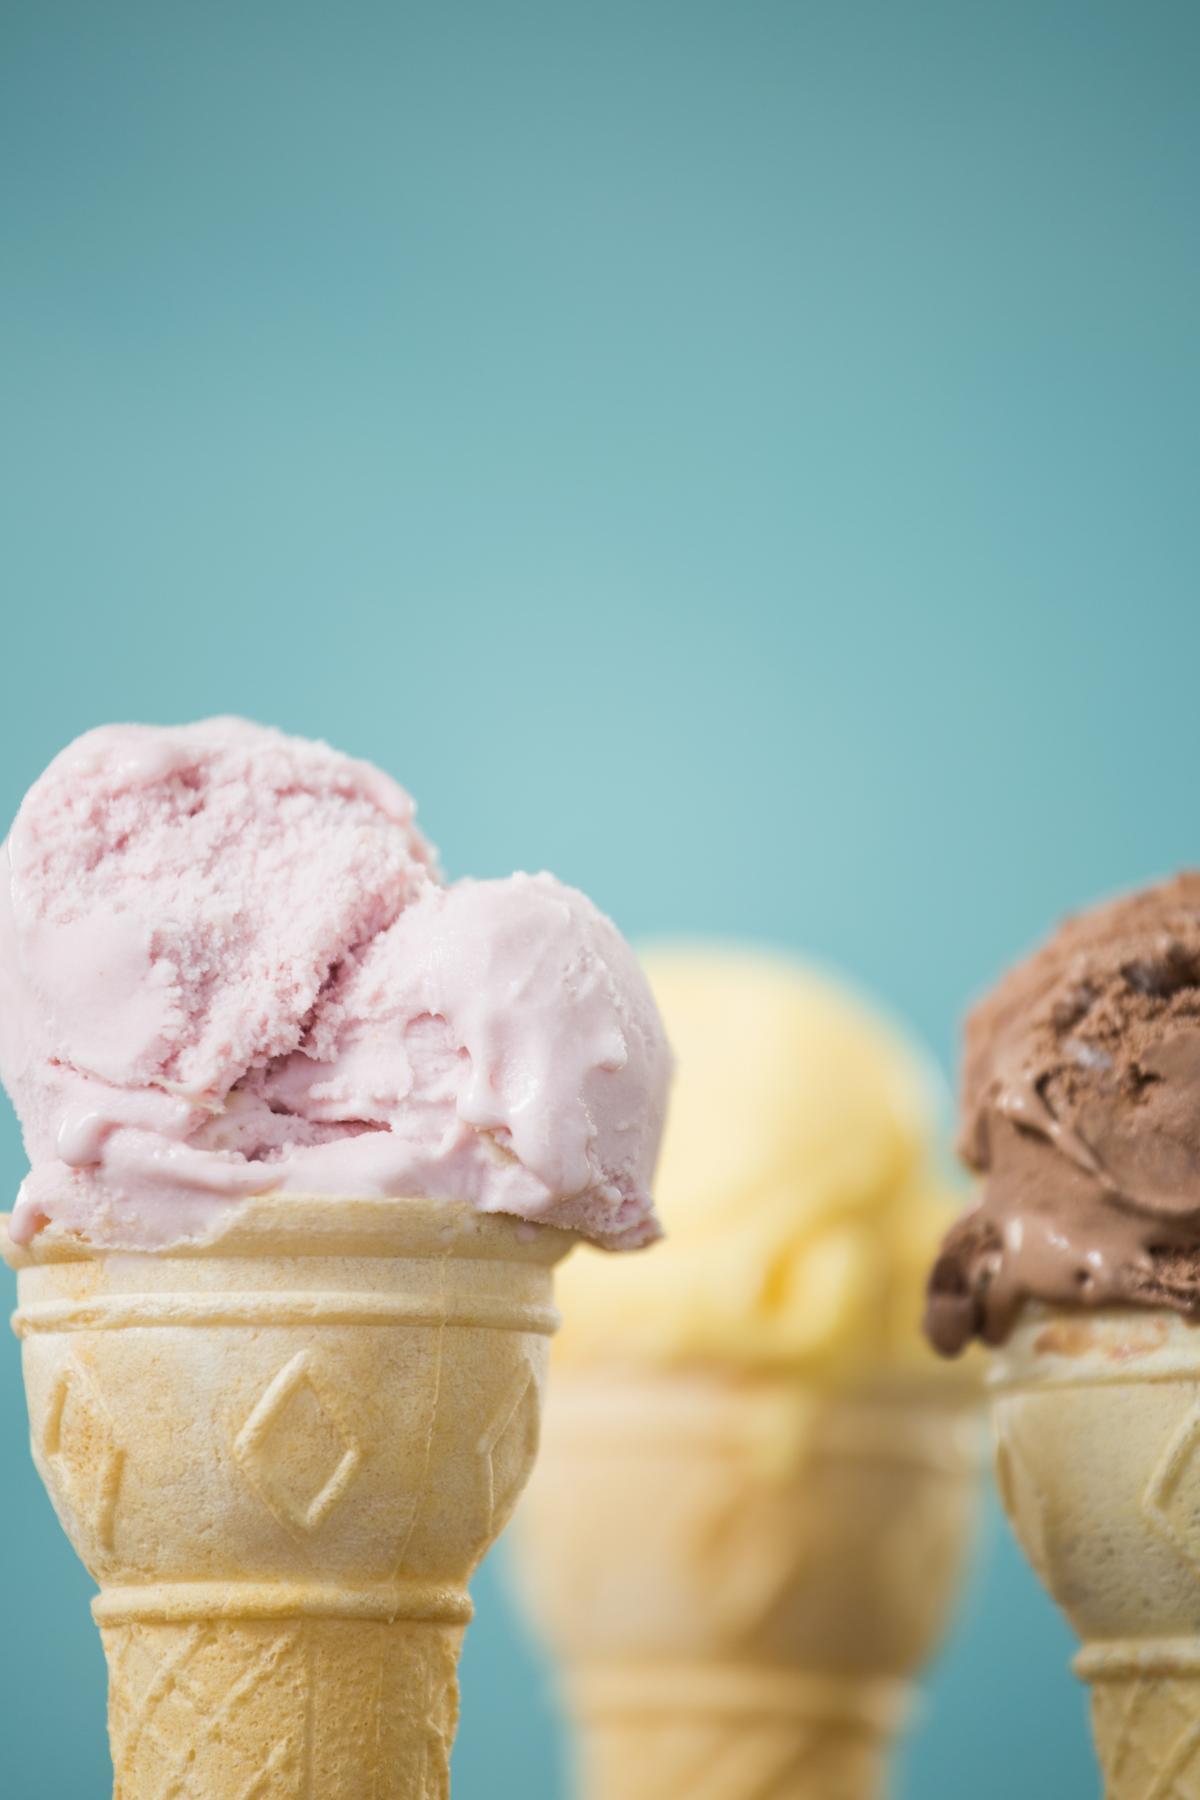 Close-up of strawberry ice cream cone